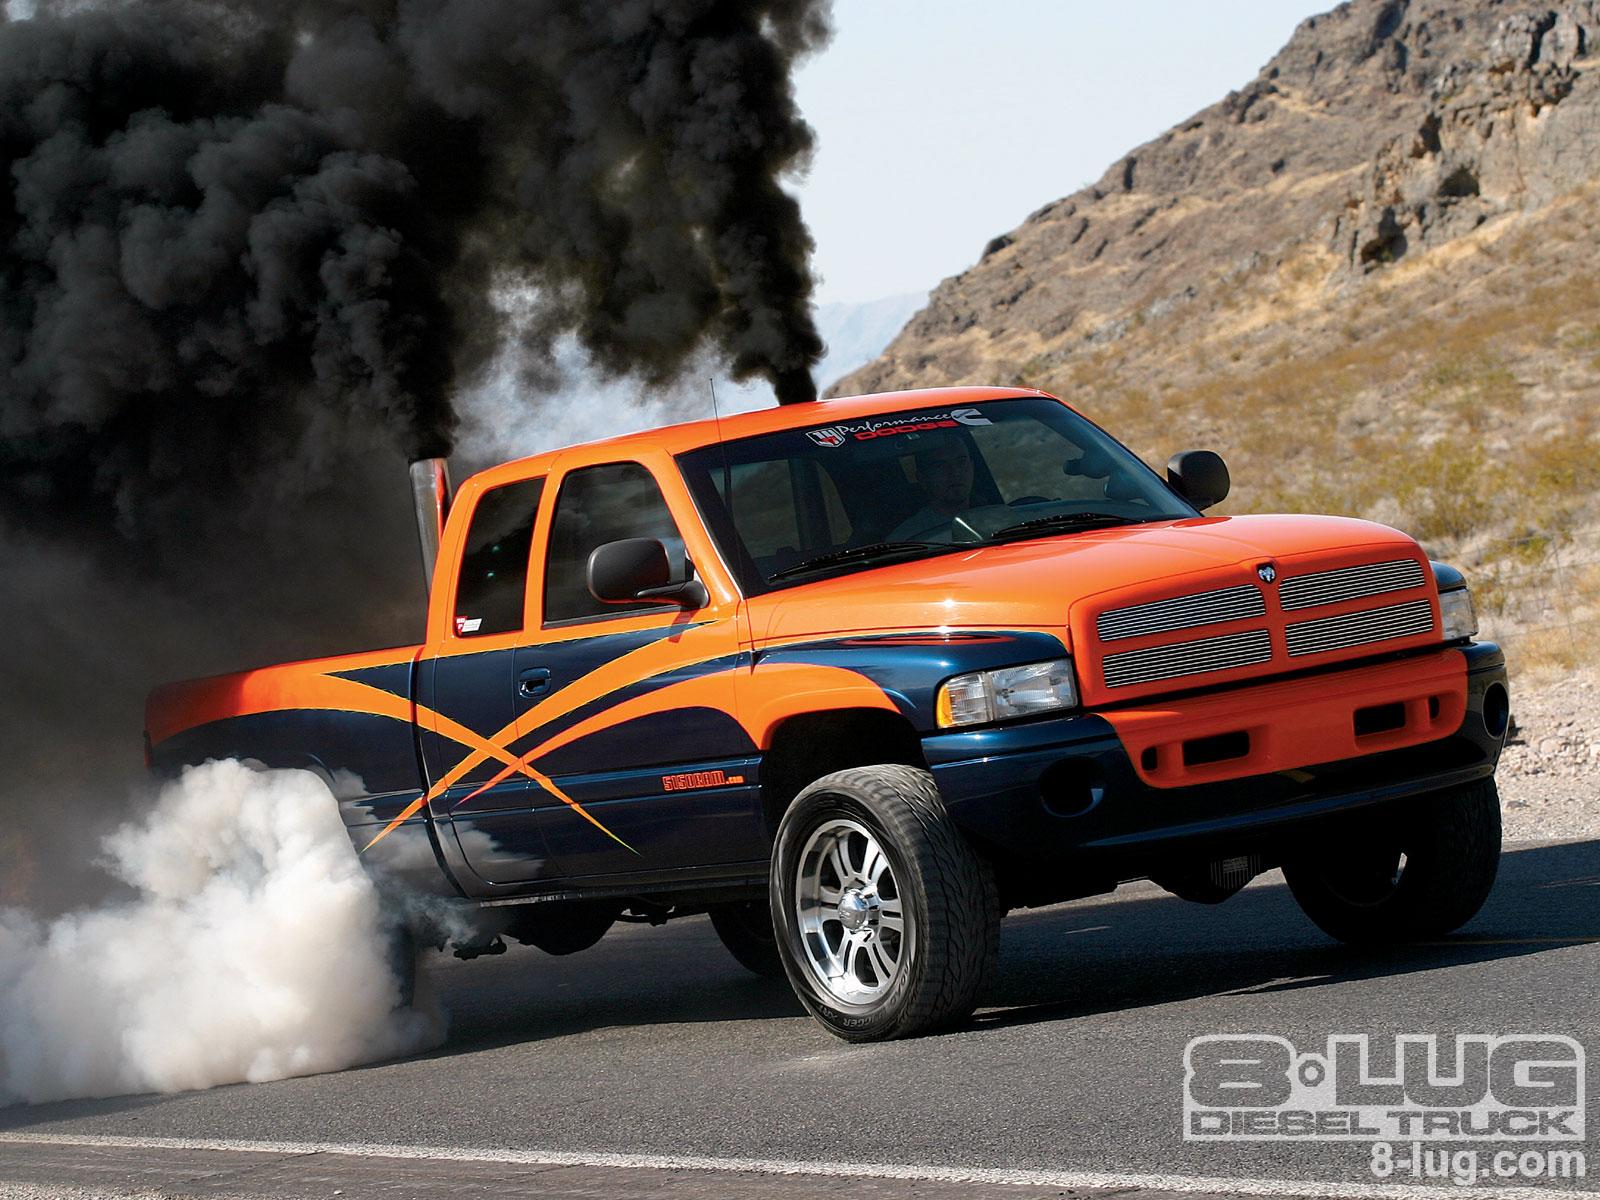 2001 Dodge Ram 2500 Cummins Diesel Engine 8 Lug Magazine